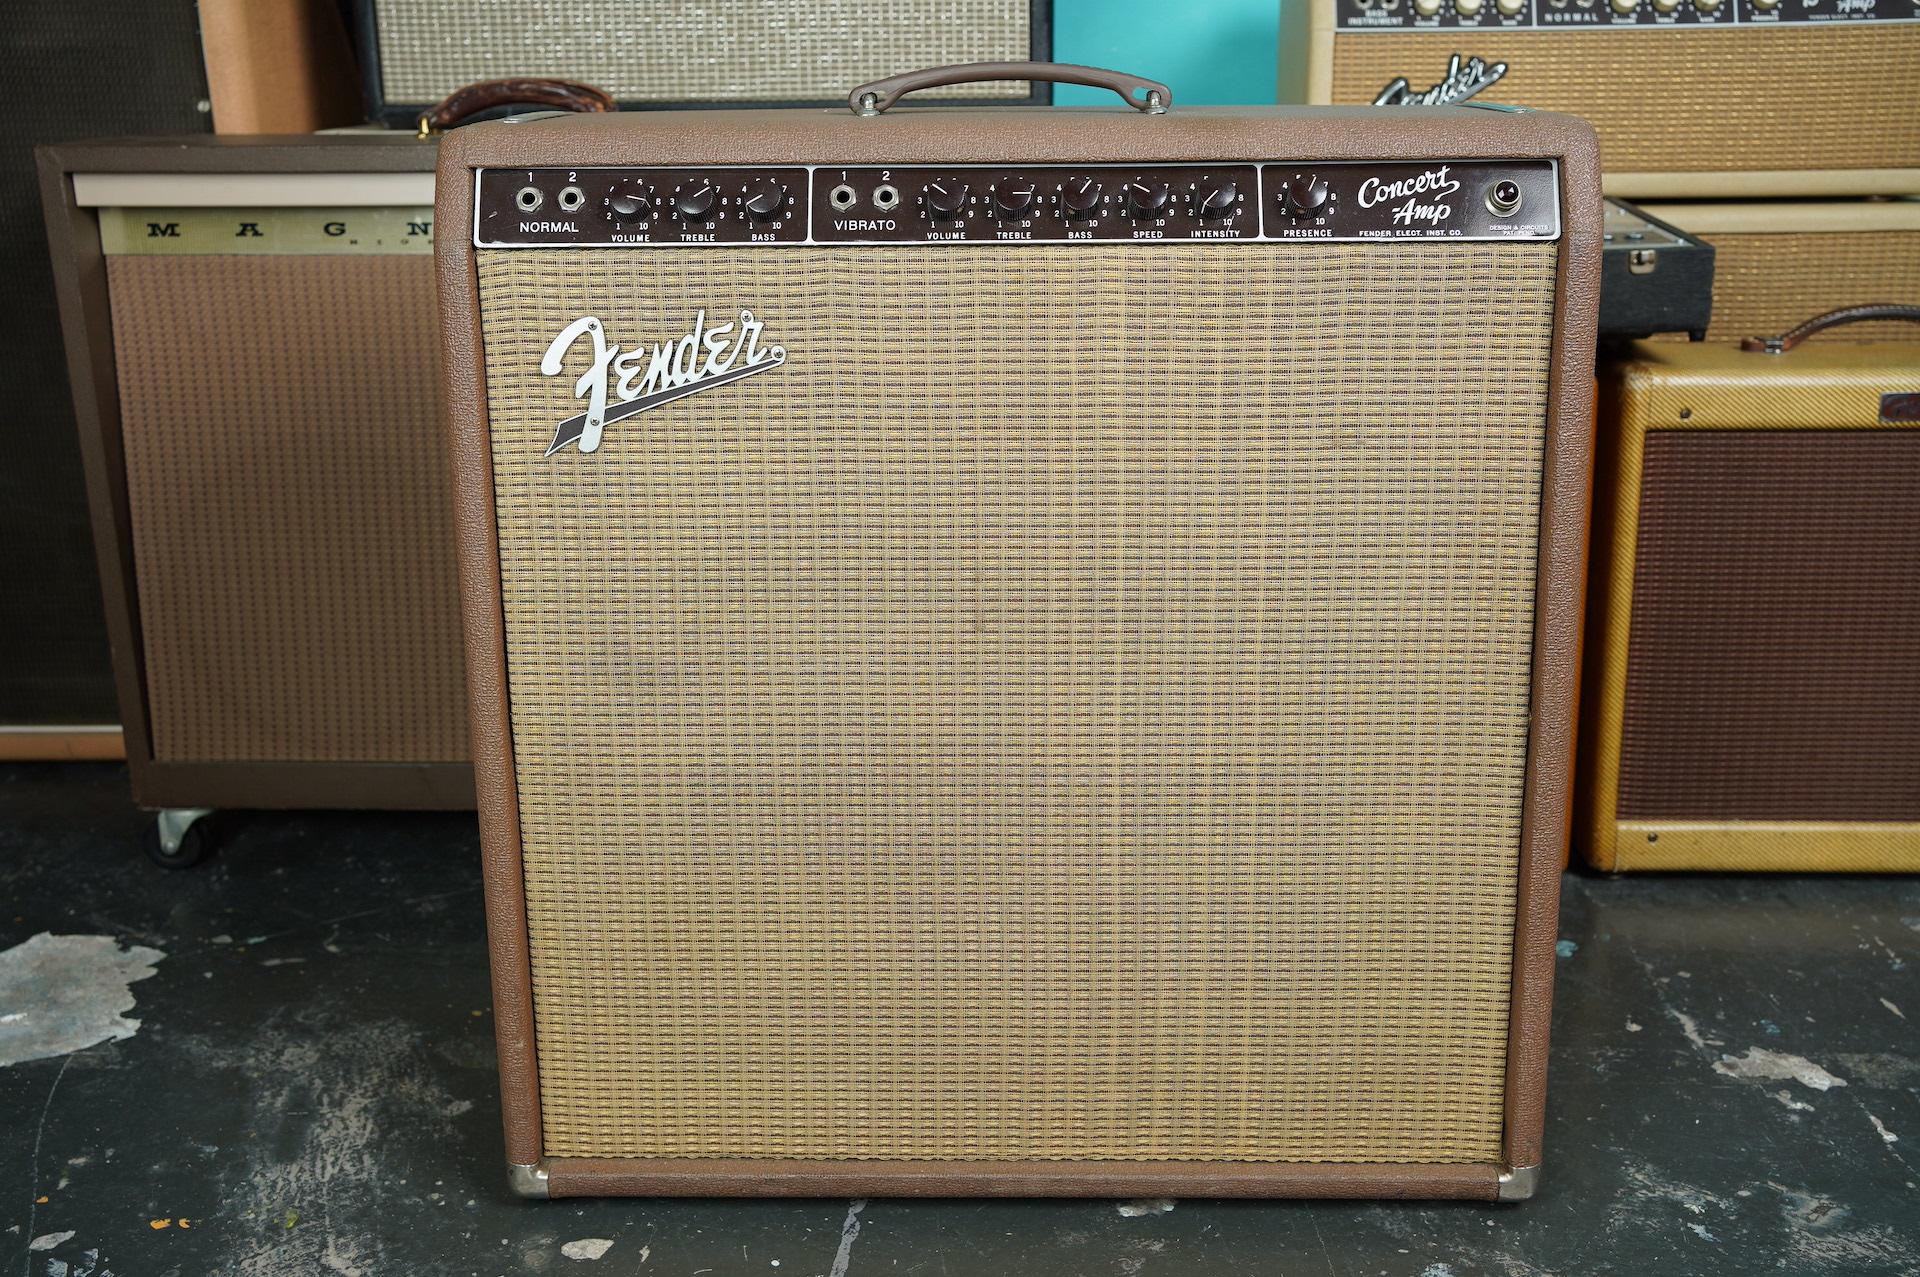 1962 Fender Concert Amp